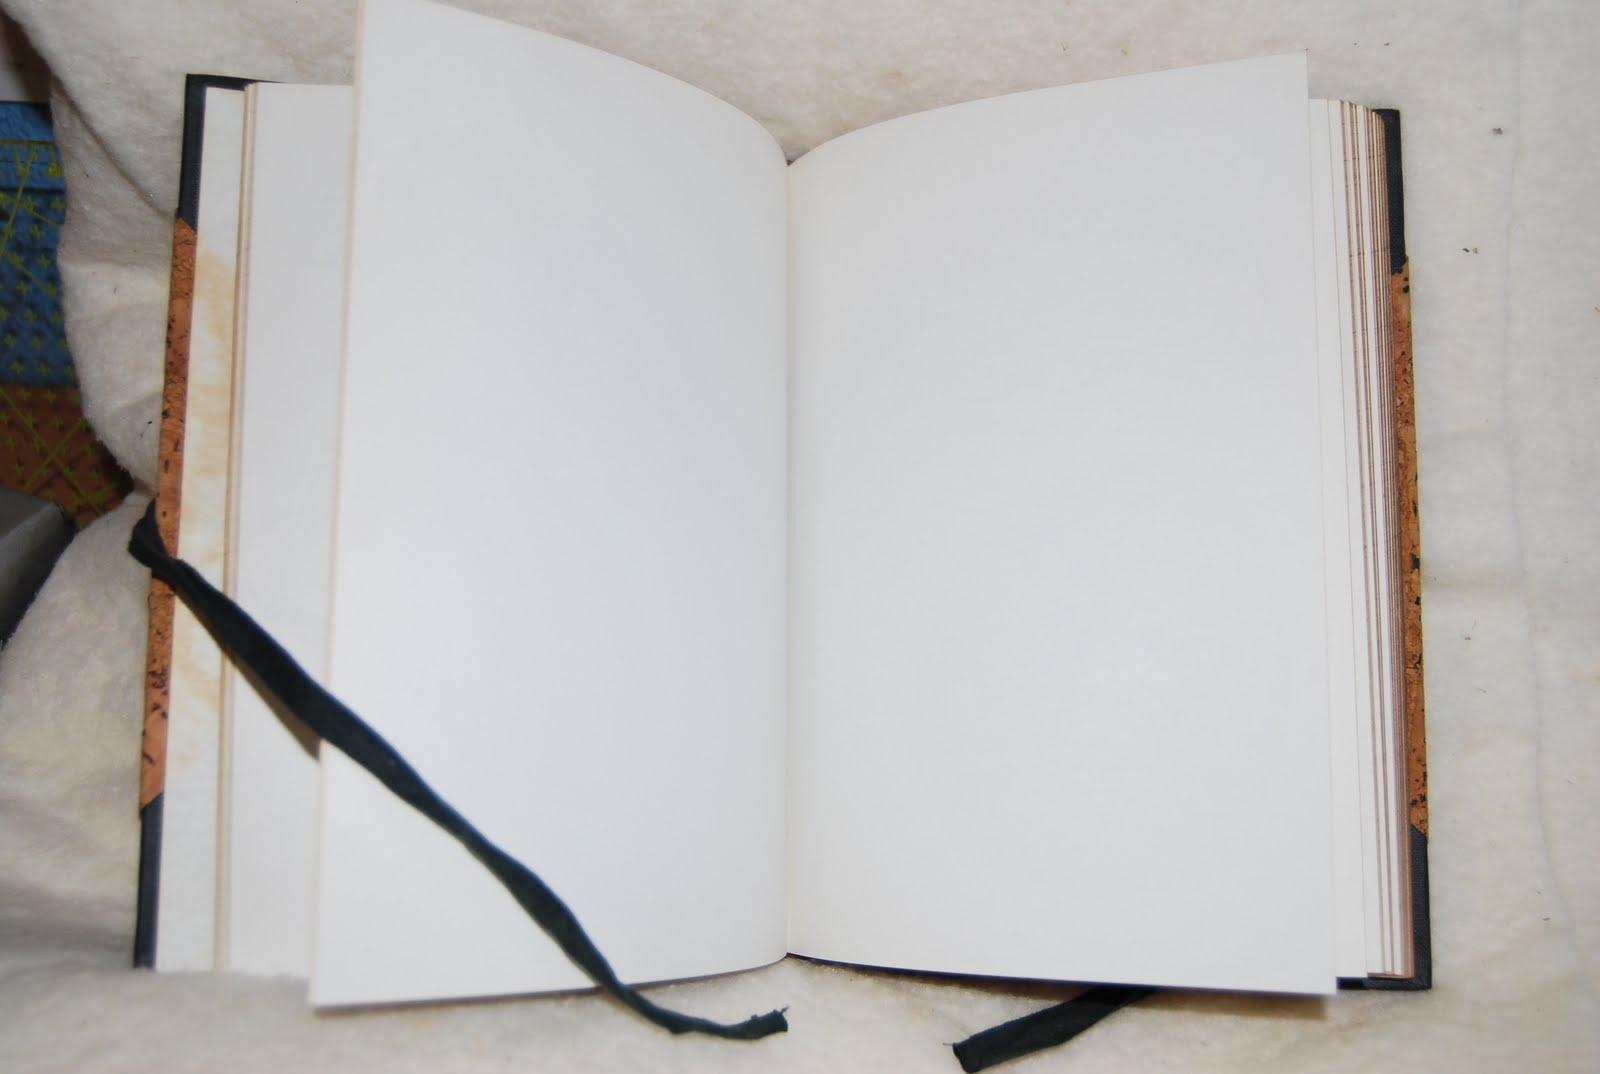 求背景图片 以空白书页背景元素